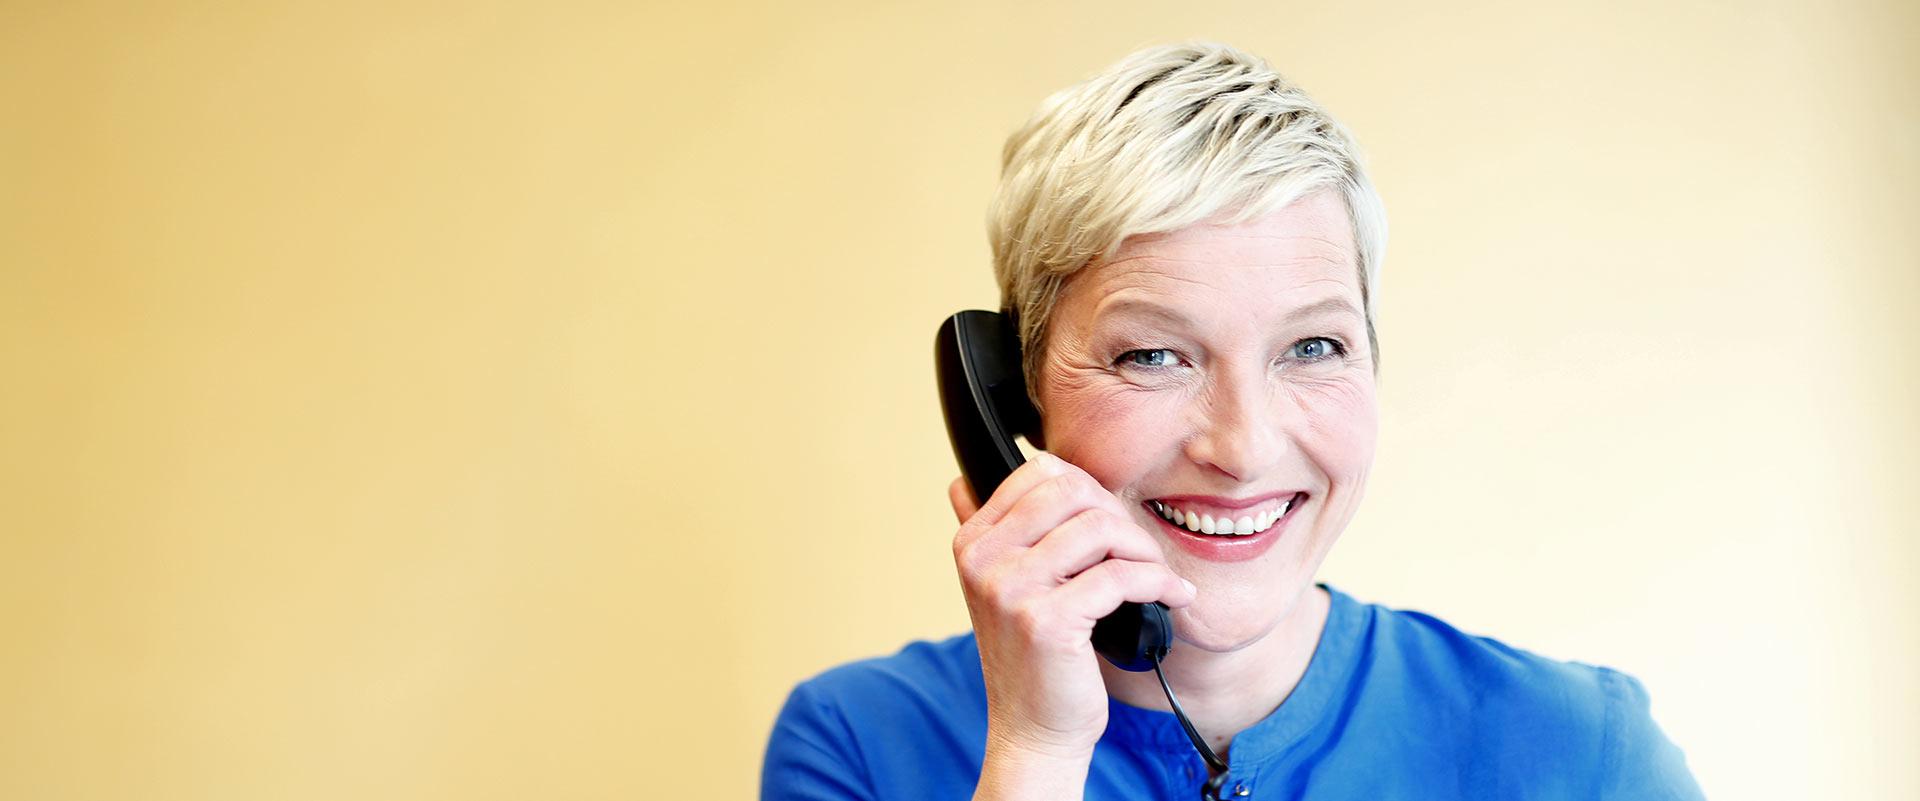 Ärztin telefoniert mit einem Kunden im MEDIAN Ambulantes Gesundheitszentrum Leipzig